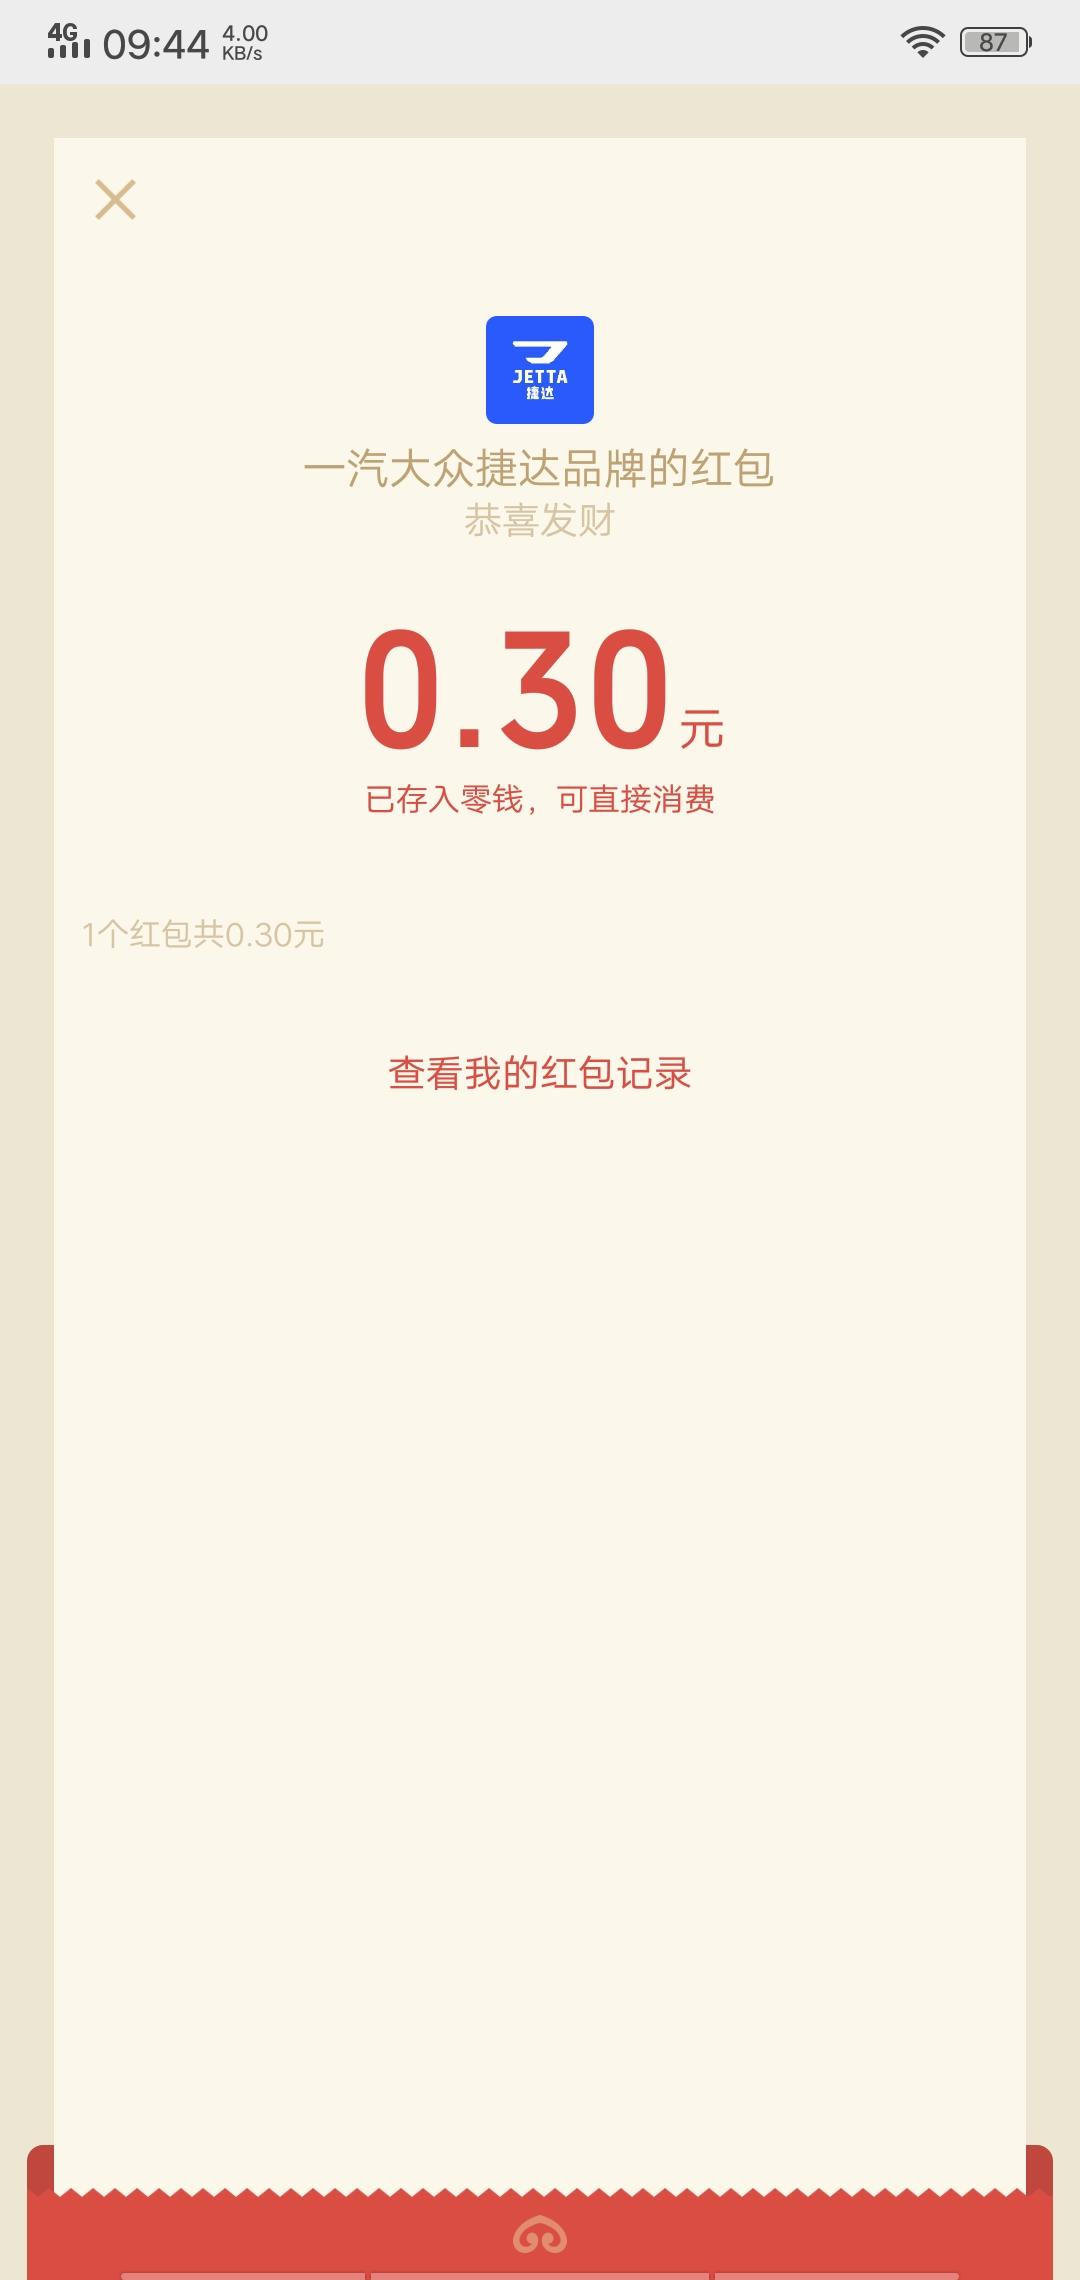 【红包】JETTA捷达品牌官方网微信服务号抽零钱插图3